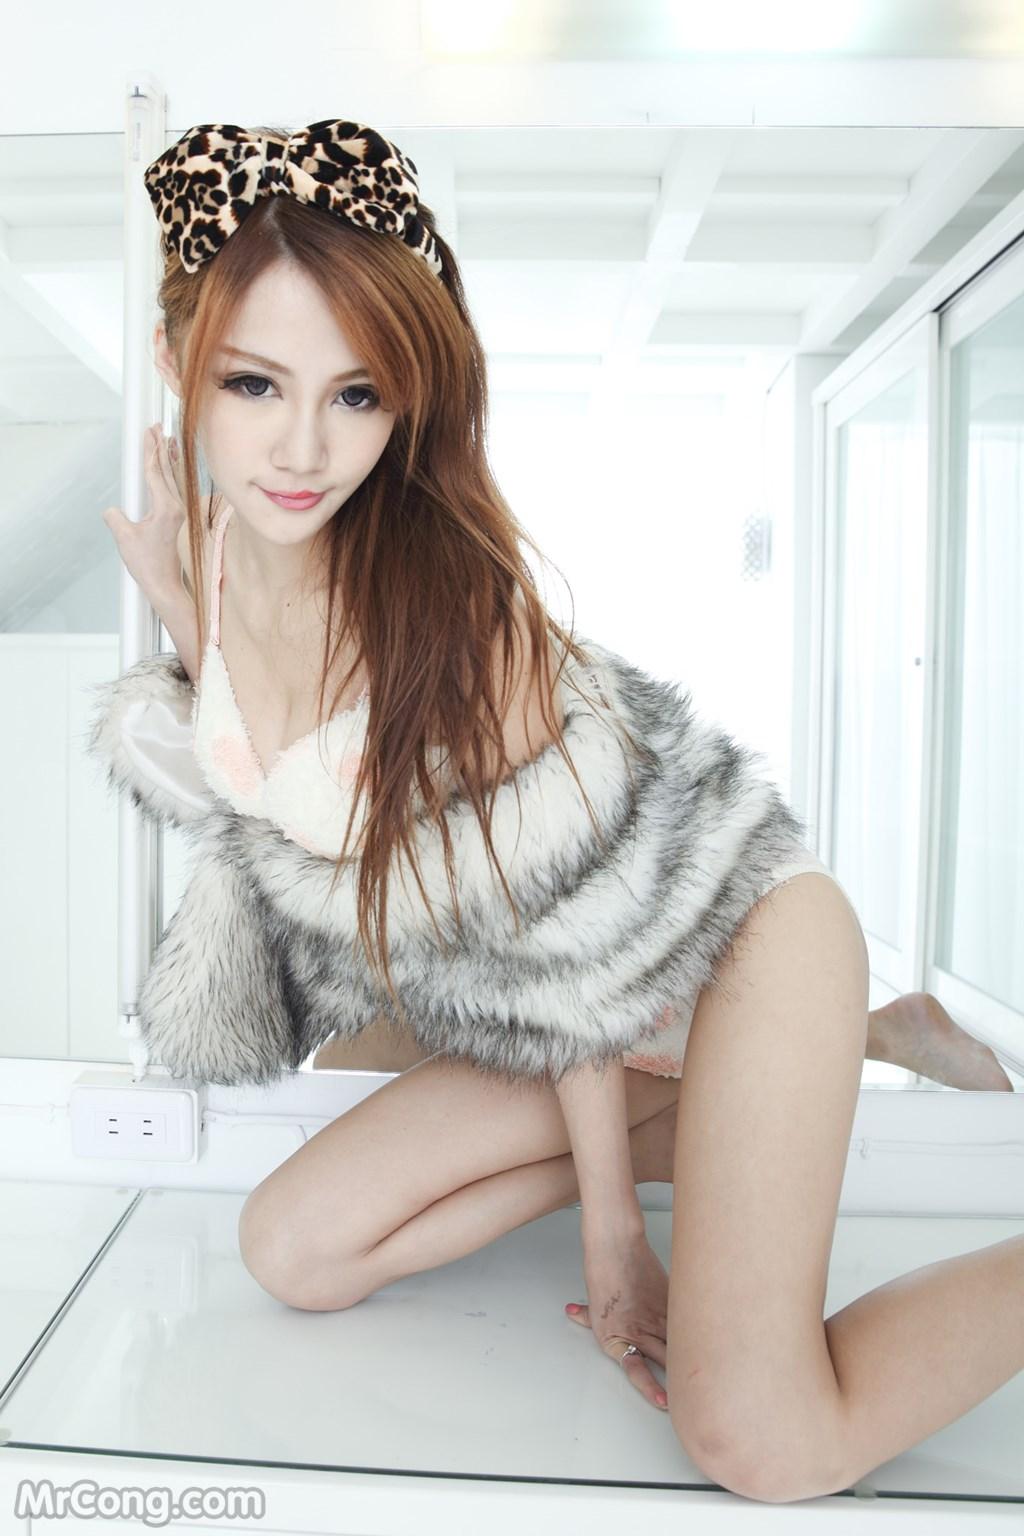 Image Girl-xinh-Dai-Loan-by-Joseph-Huang-Phan-1-MrCong.com-0021 in post Các cô gái Đài Loan qua góc chụp của Joseph Huang (黃阿文) - Phần 1 (1480 ảnh)